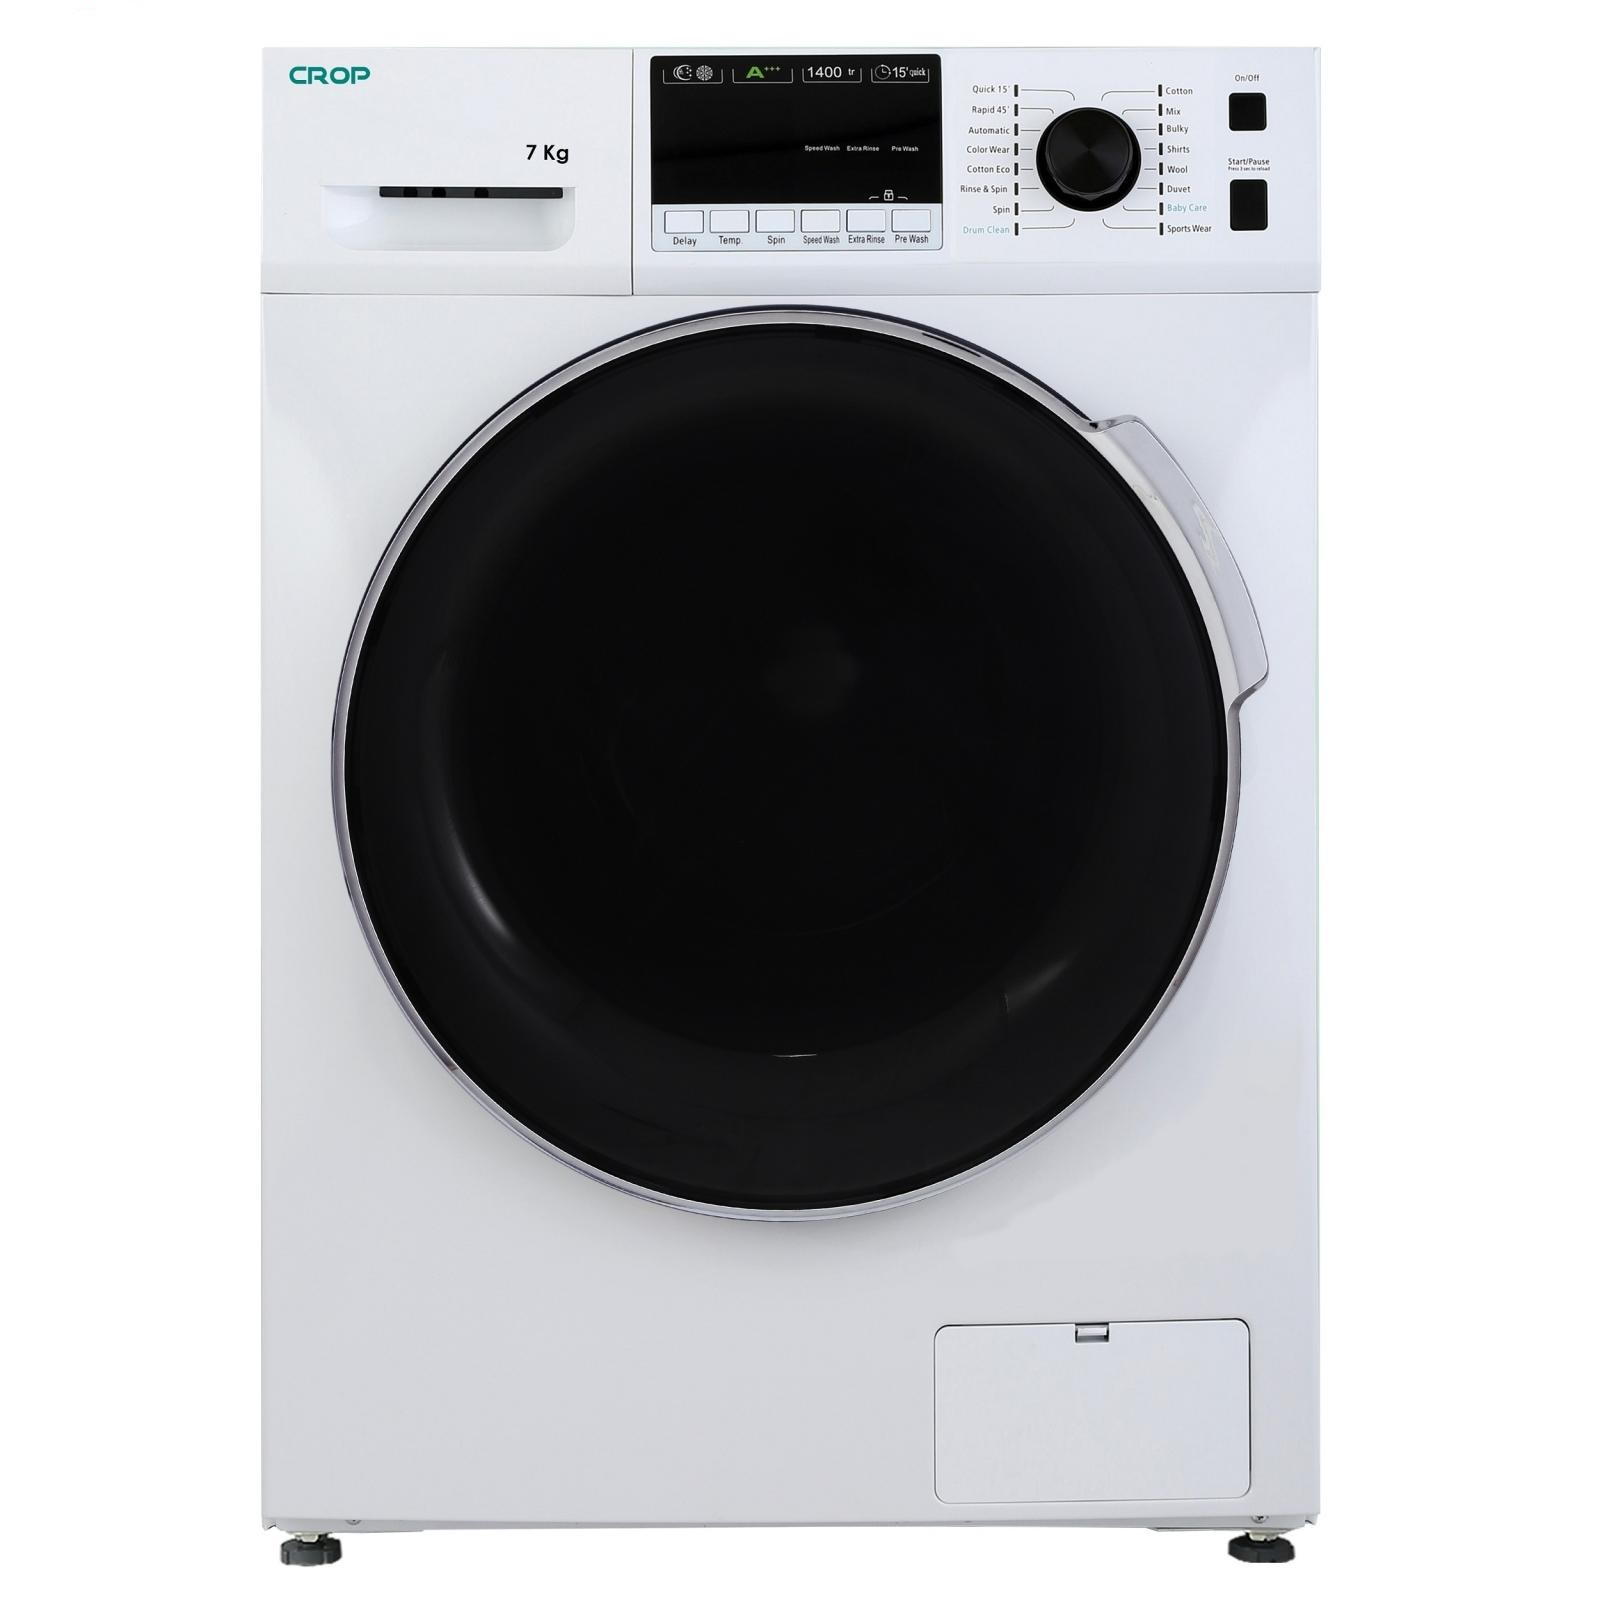 لباسشویی کروپ اتومات 7KG سفید درب کروم 1400دور WFT-27418WT